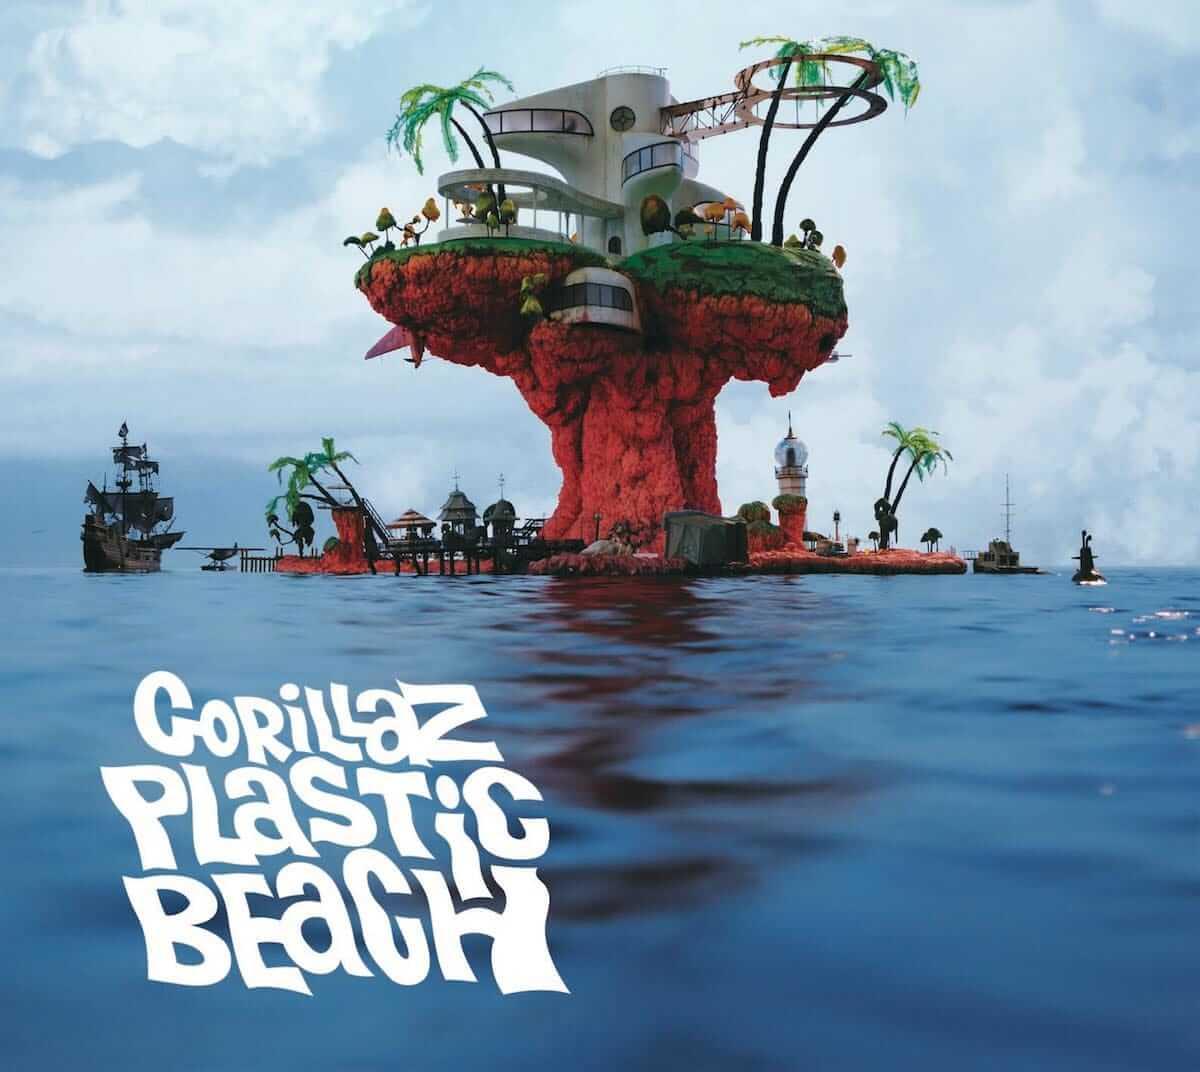 【まとめ】ゴリラズウィキペディア!メンバーや設定、バンドストーリーを徹底検証 gorillaz-wiki-feature_Plastic-Beach-1200x1072